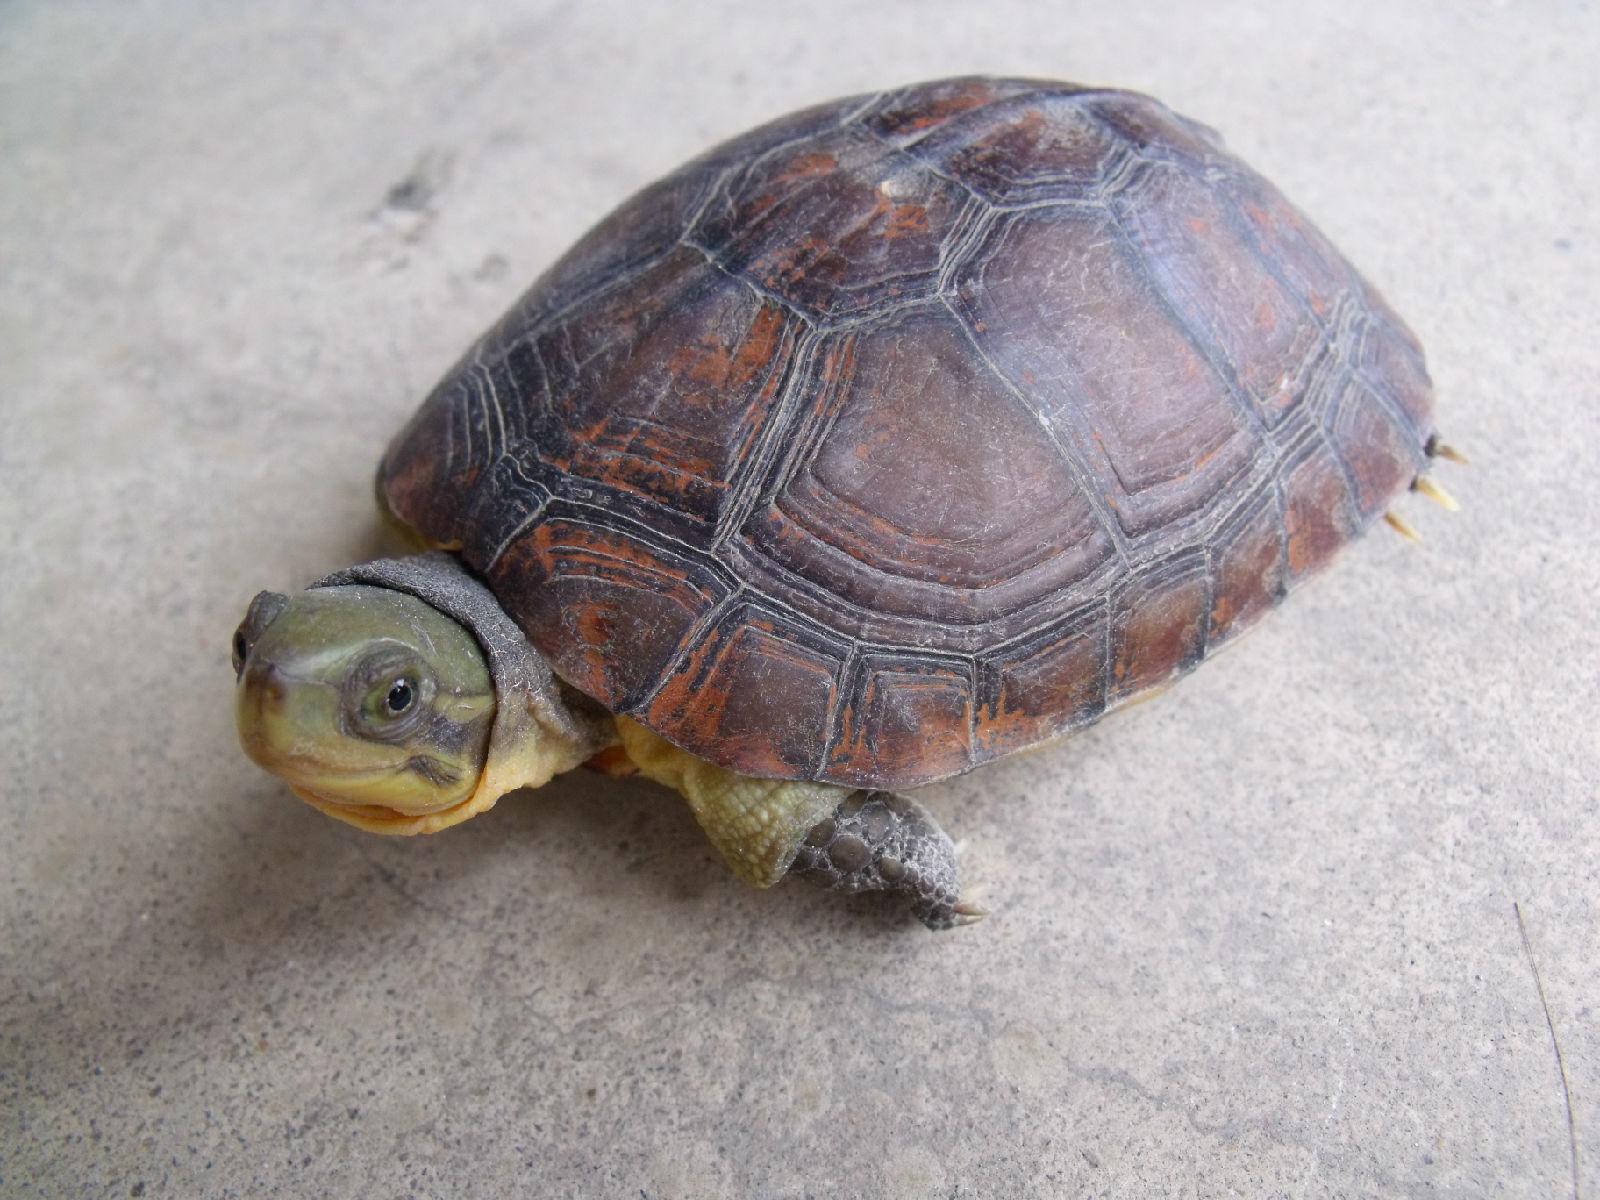 黄喉拟水龟苗的饲养_黄喉能干养吗?【乌龟吧】_百度贴吧